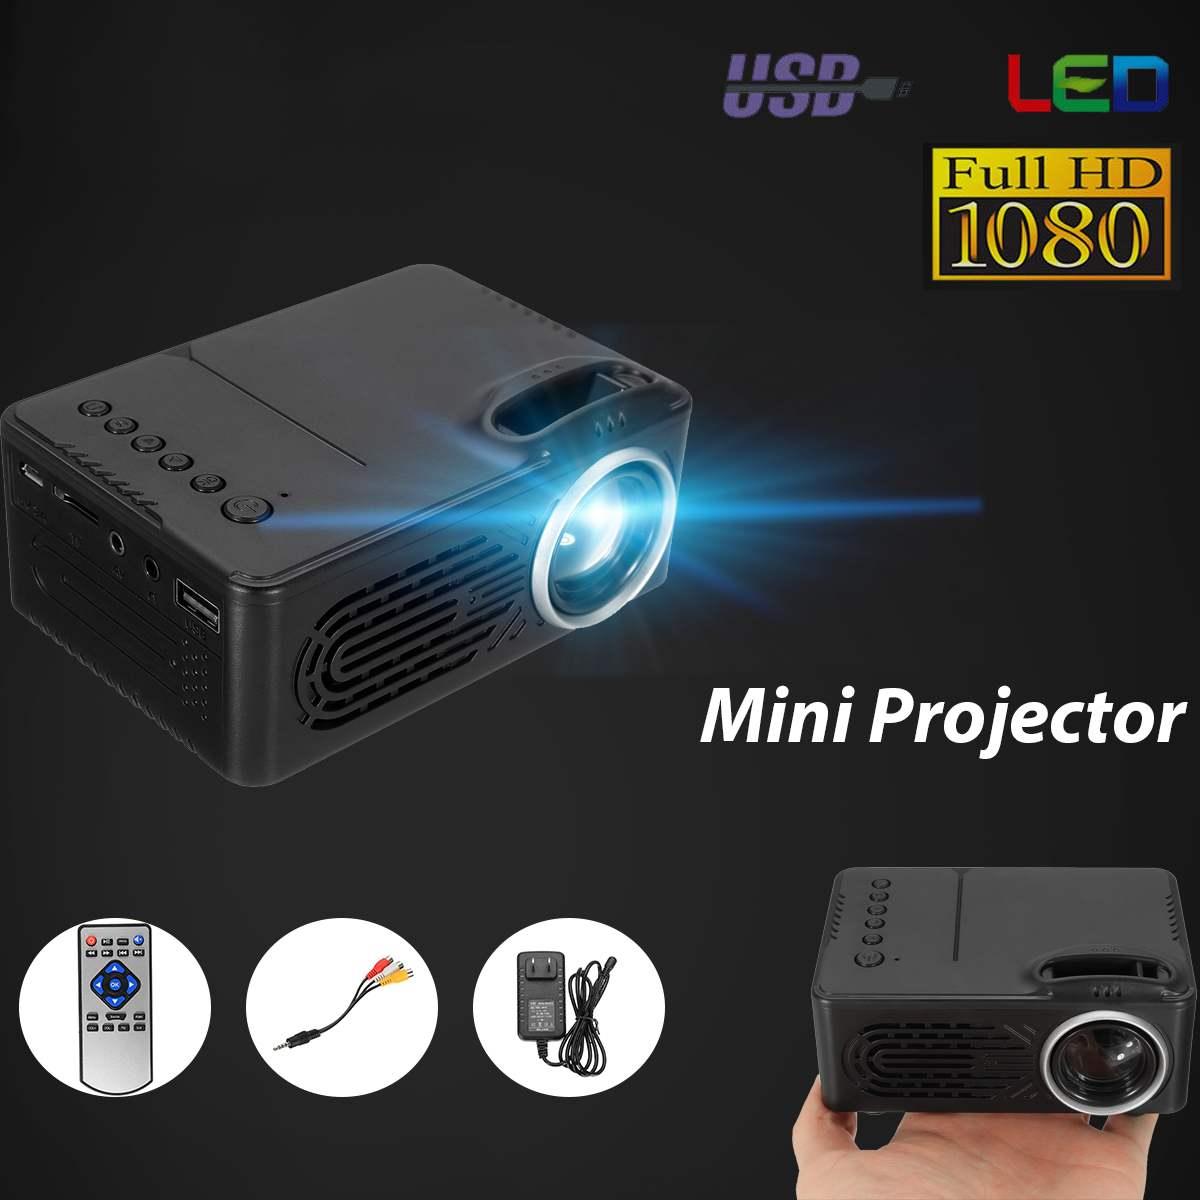 1080 P 400 Lumens HD Mini projecteur Portable 1920x1080 Max résolution projecteur numérique pour tv LED Home cinéma